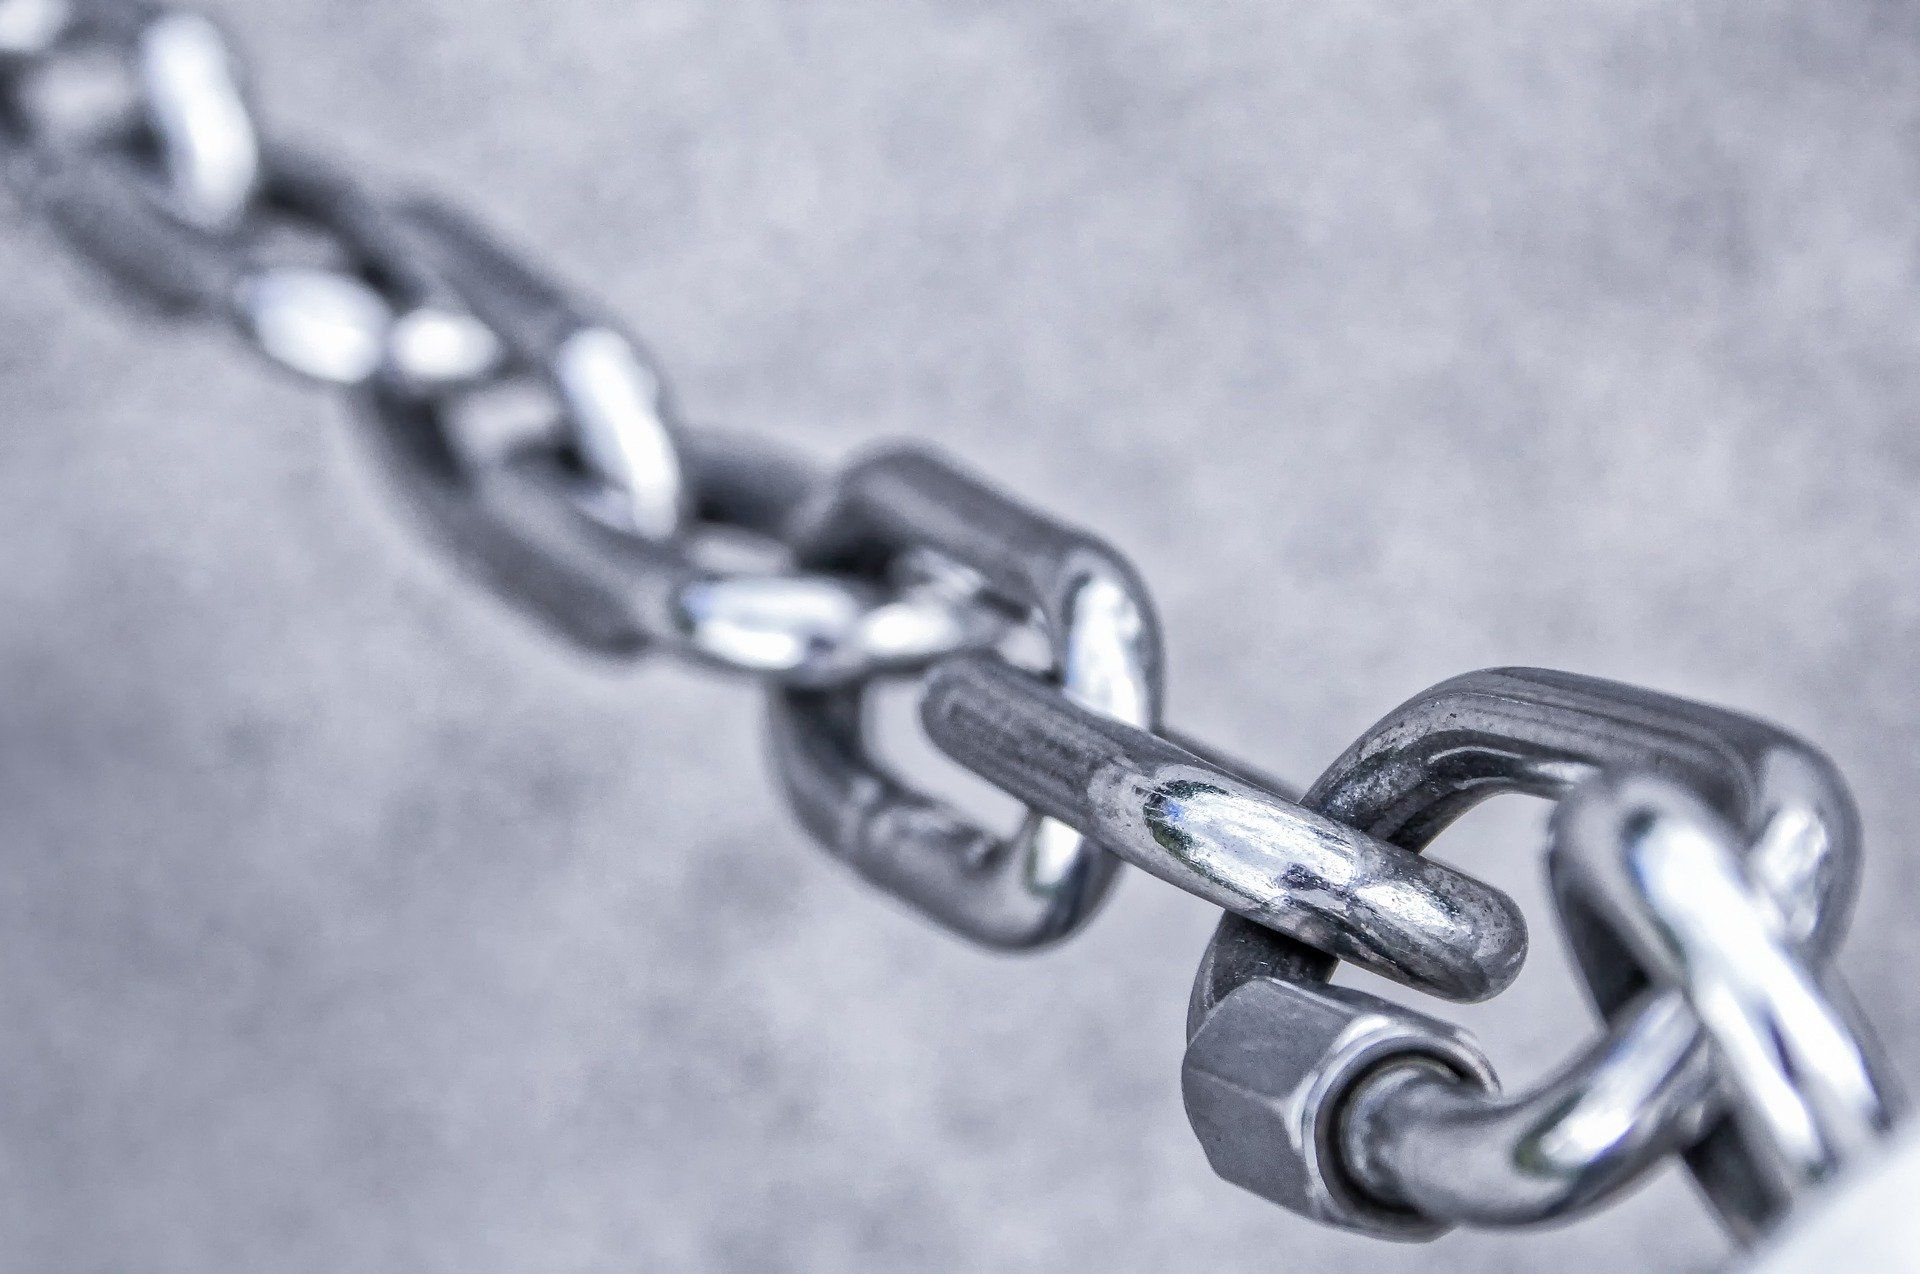 cadena gris foto